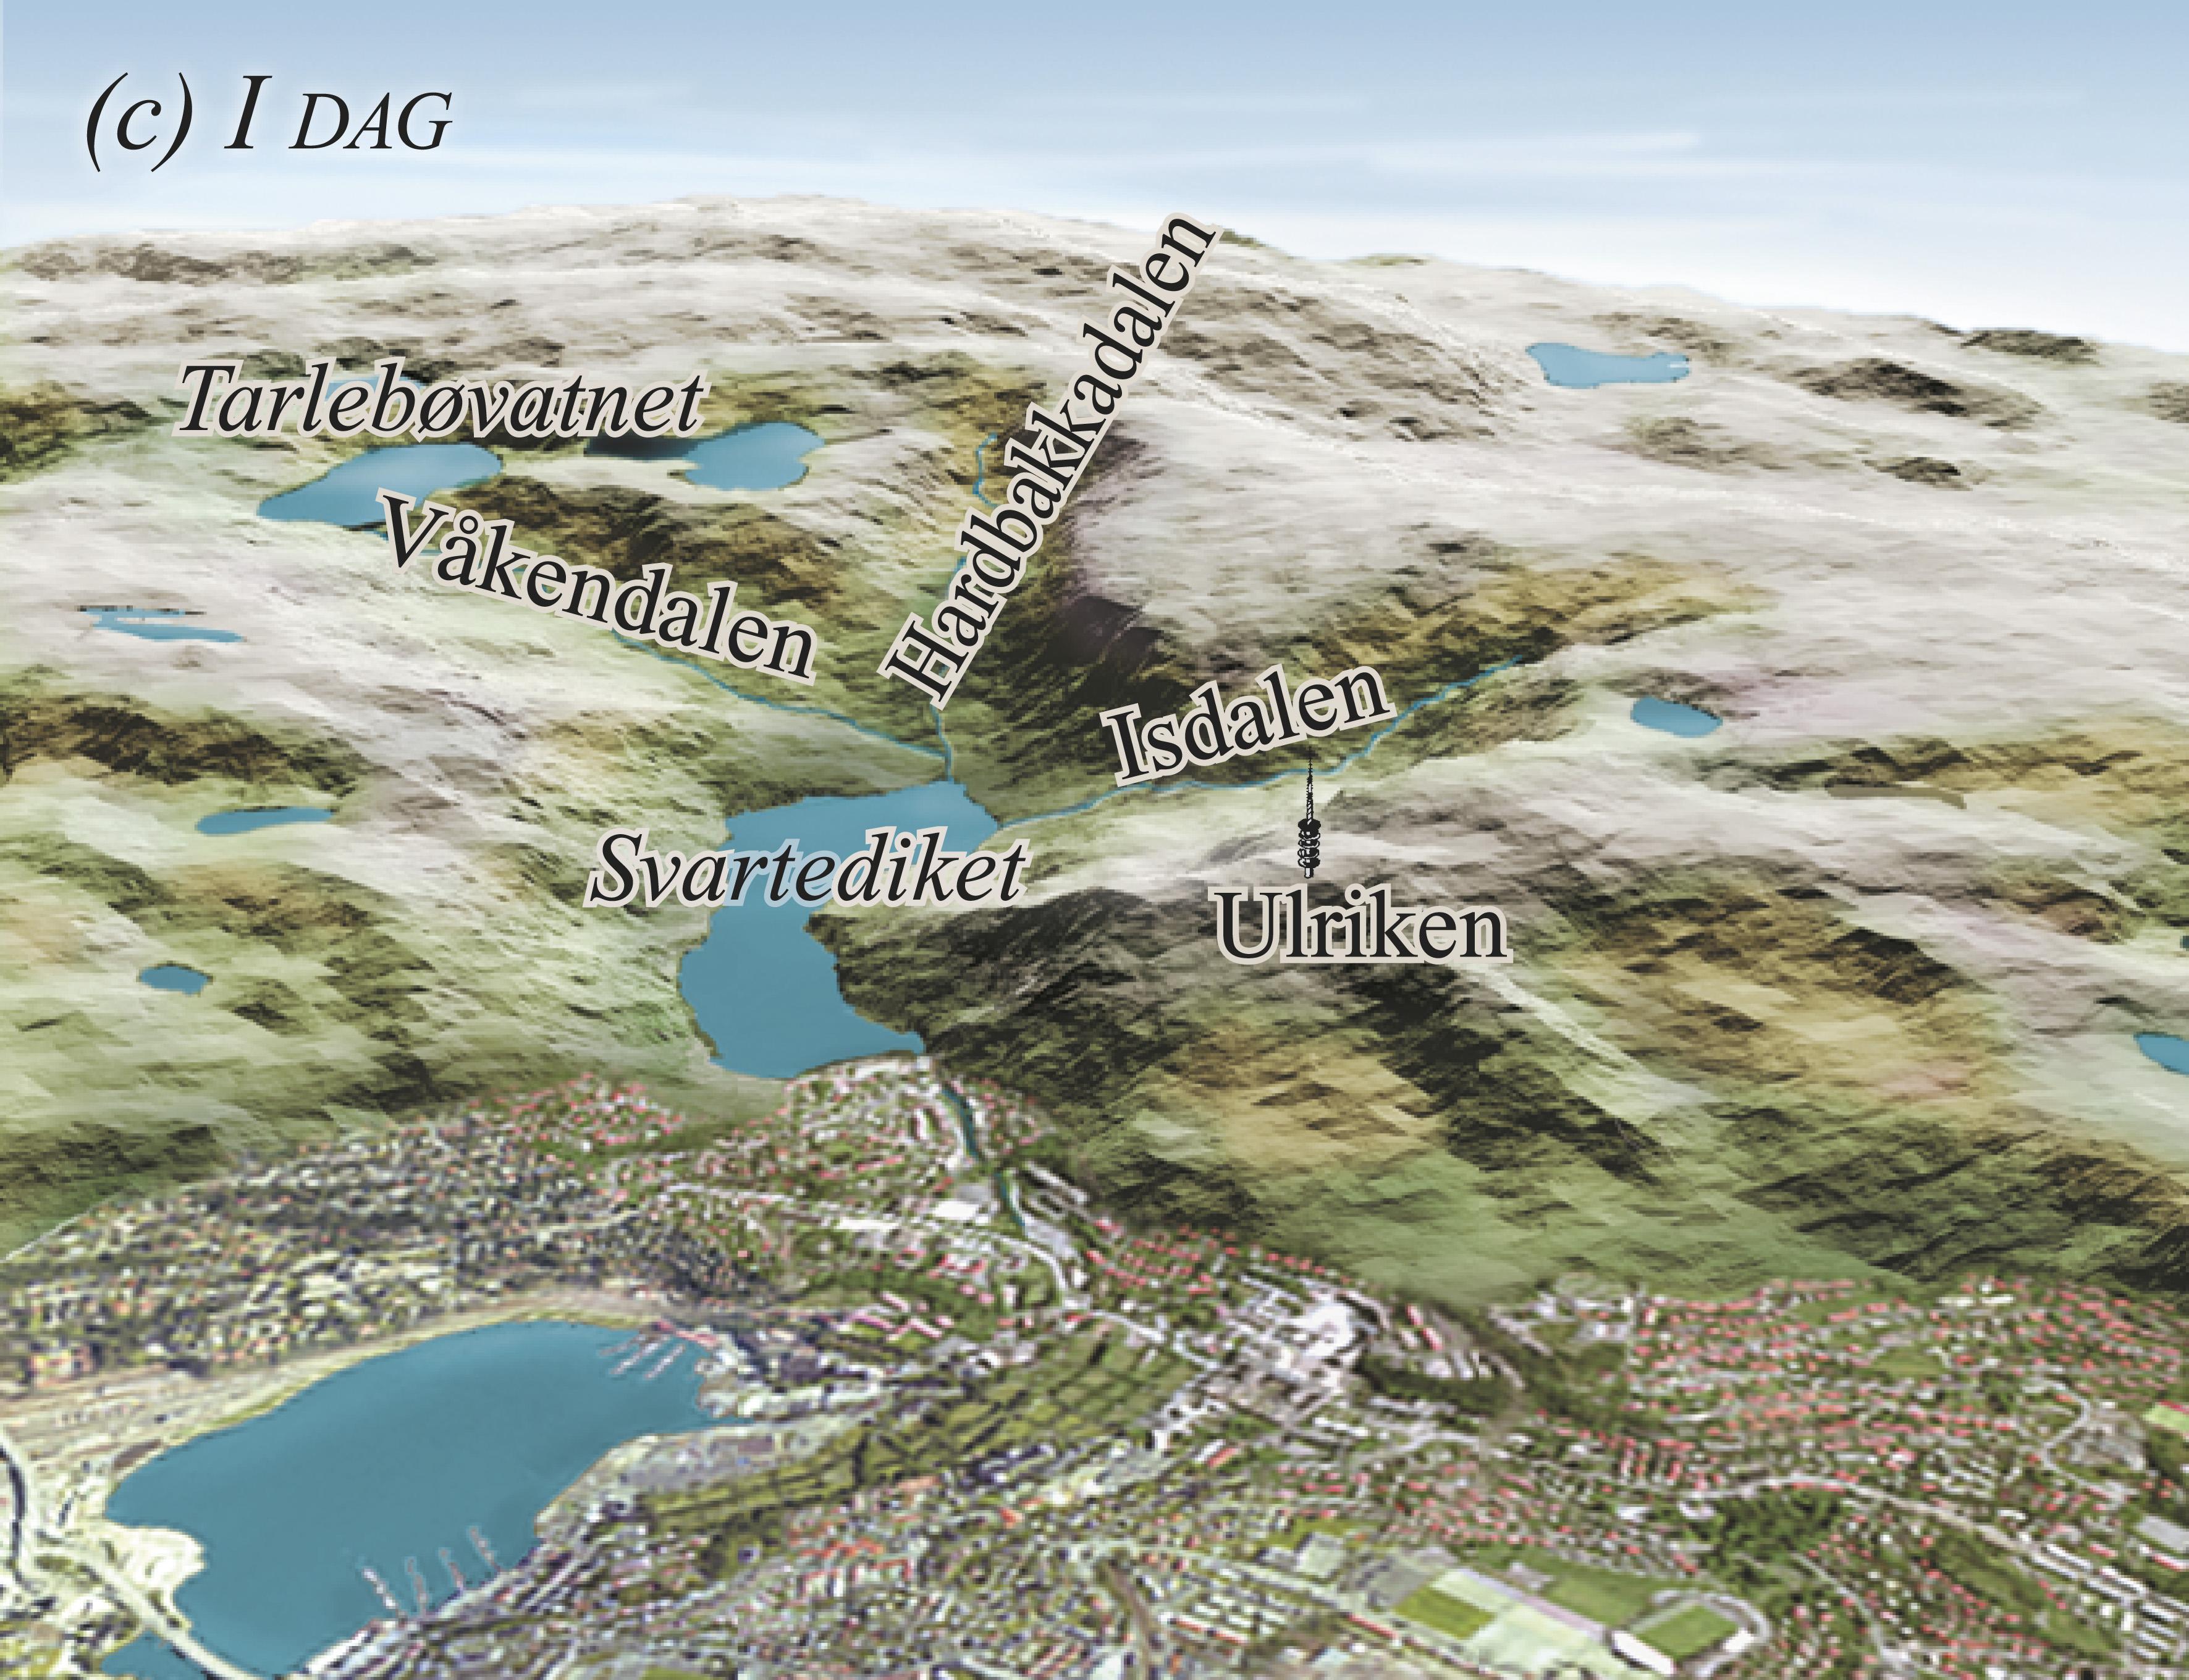 Dannelsen av landskapet i Isdalen-området. (c) I dag.